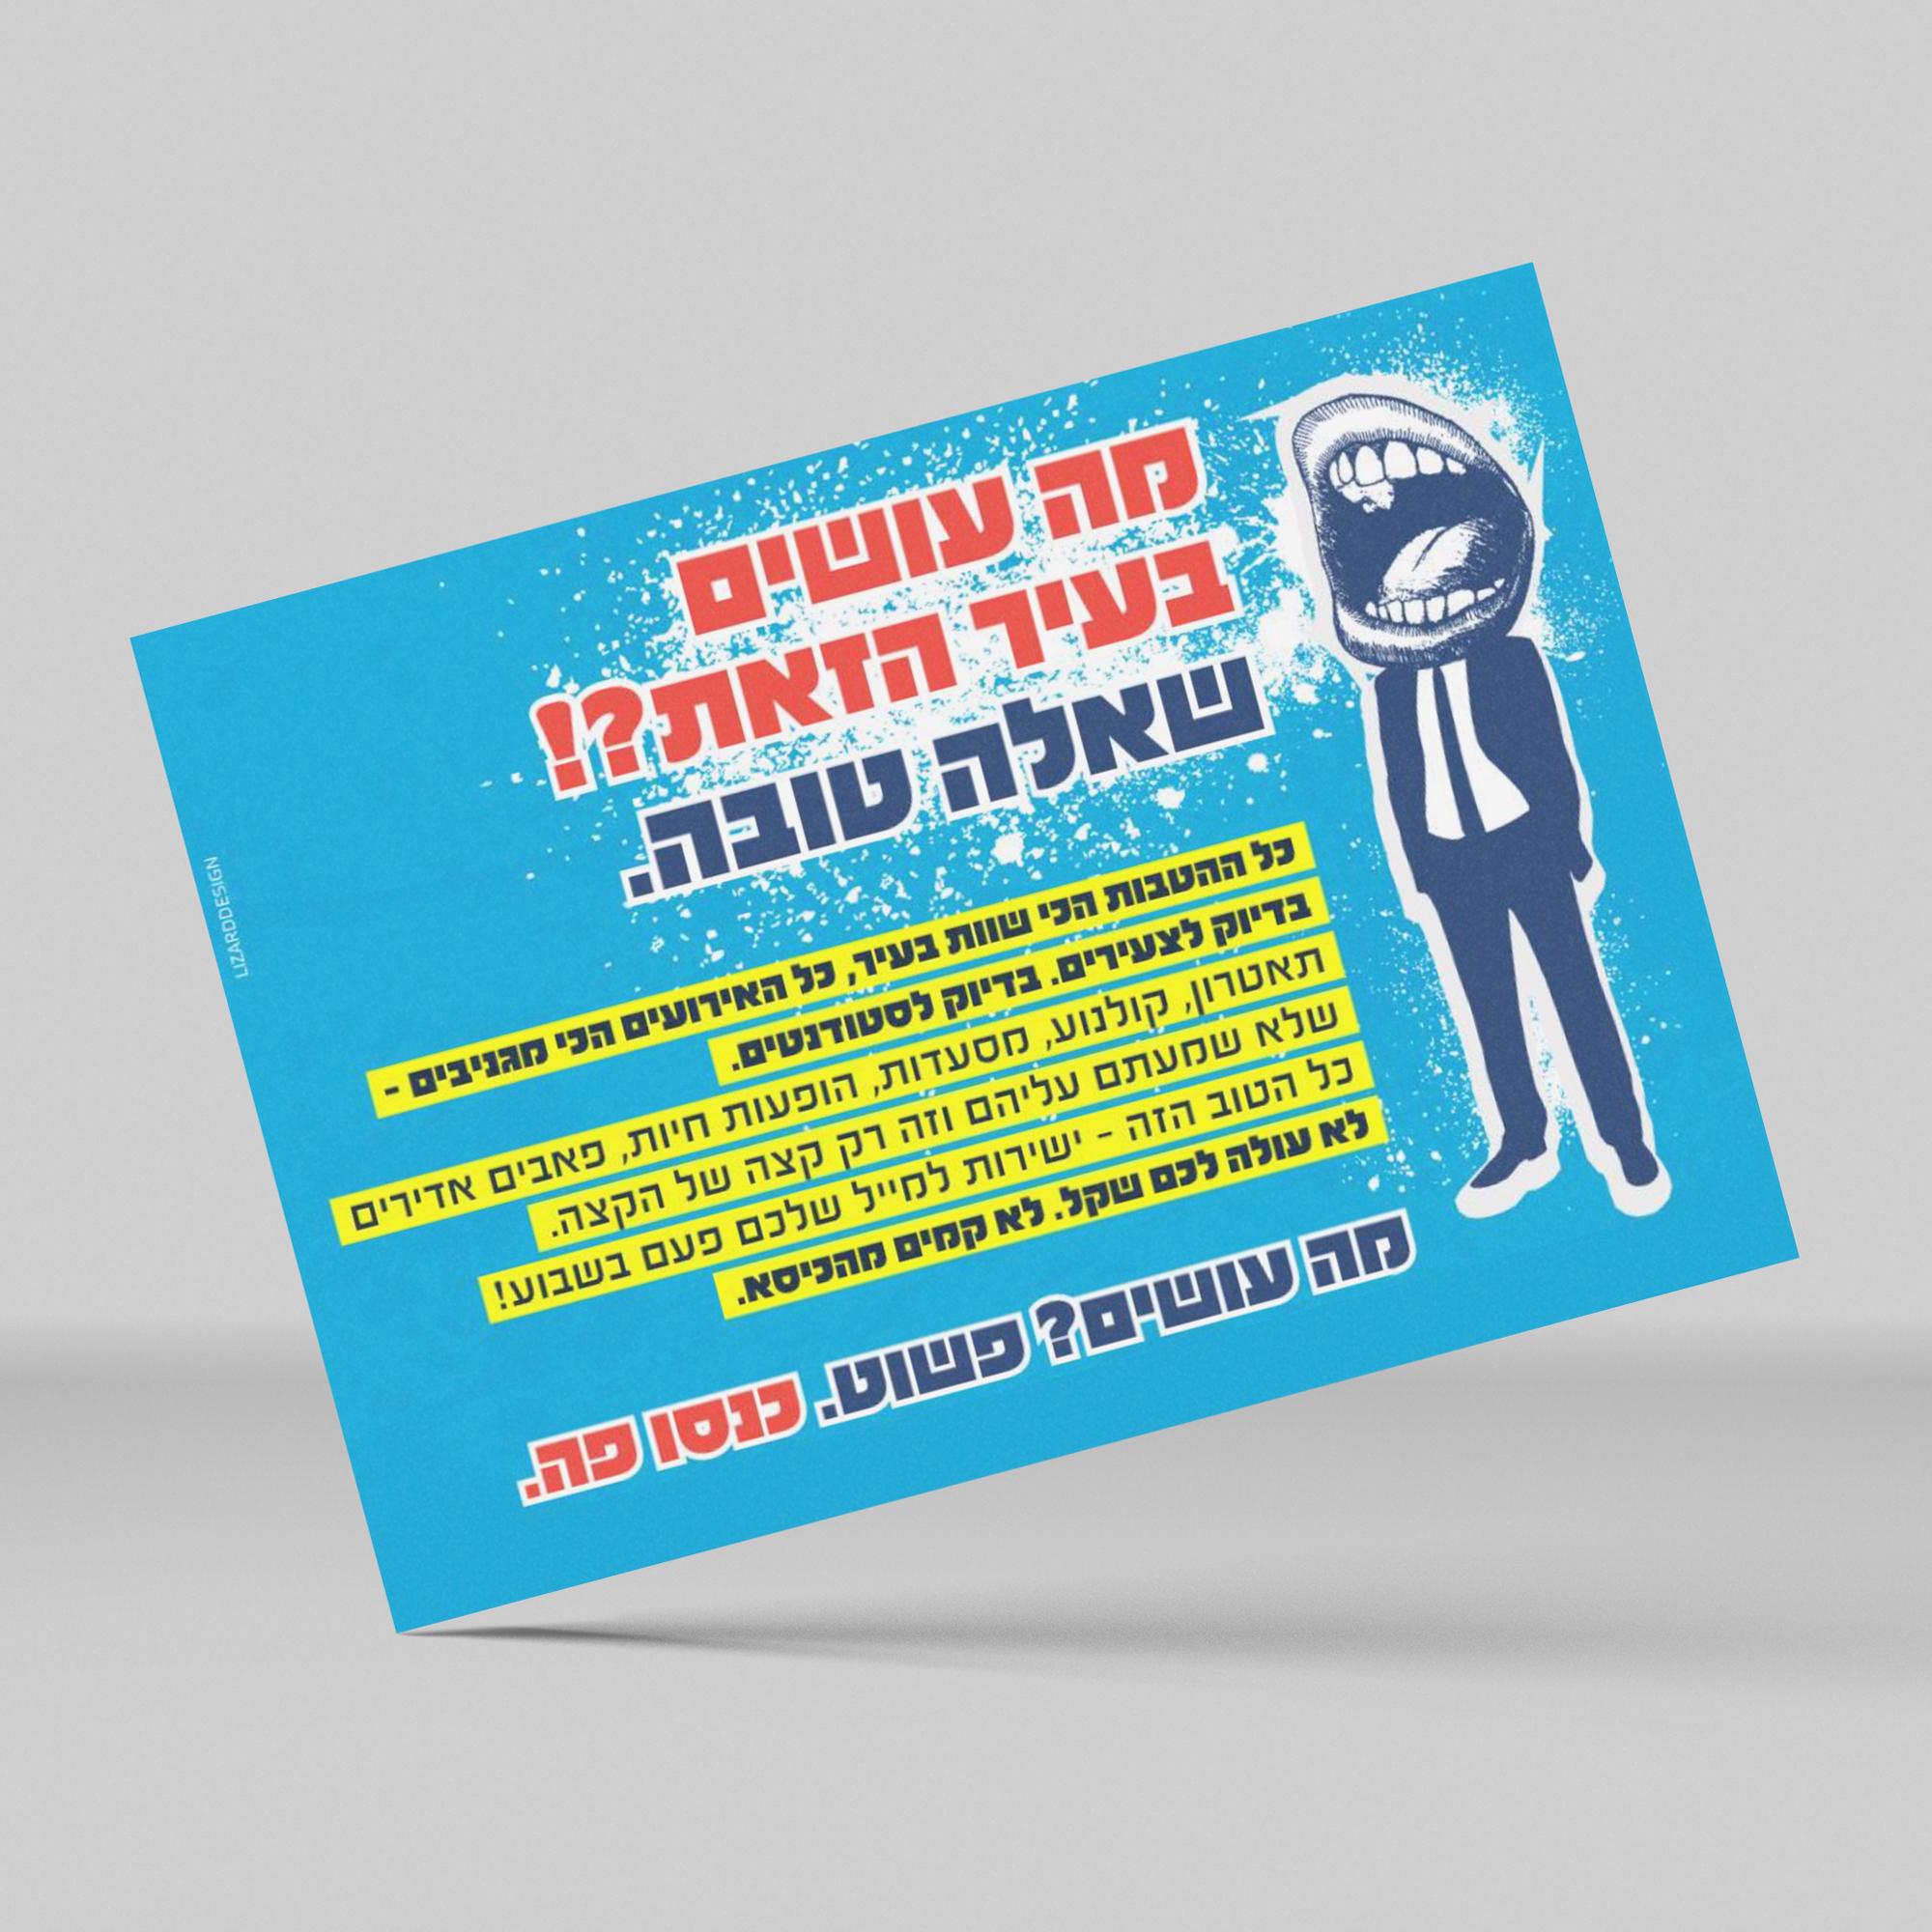 עיצוב גלויה להטבות של חיפאי VIP עבור רשות הצעירים חיפה